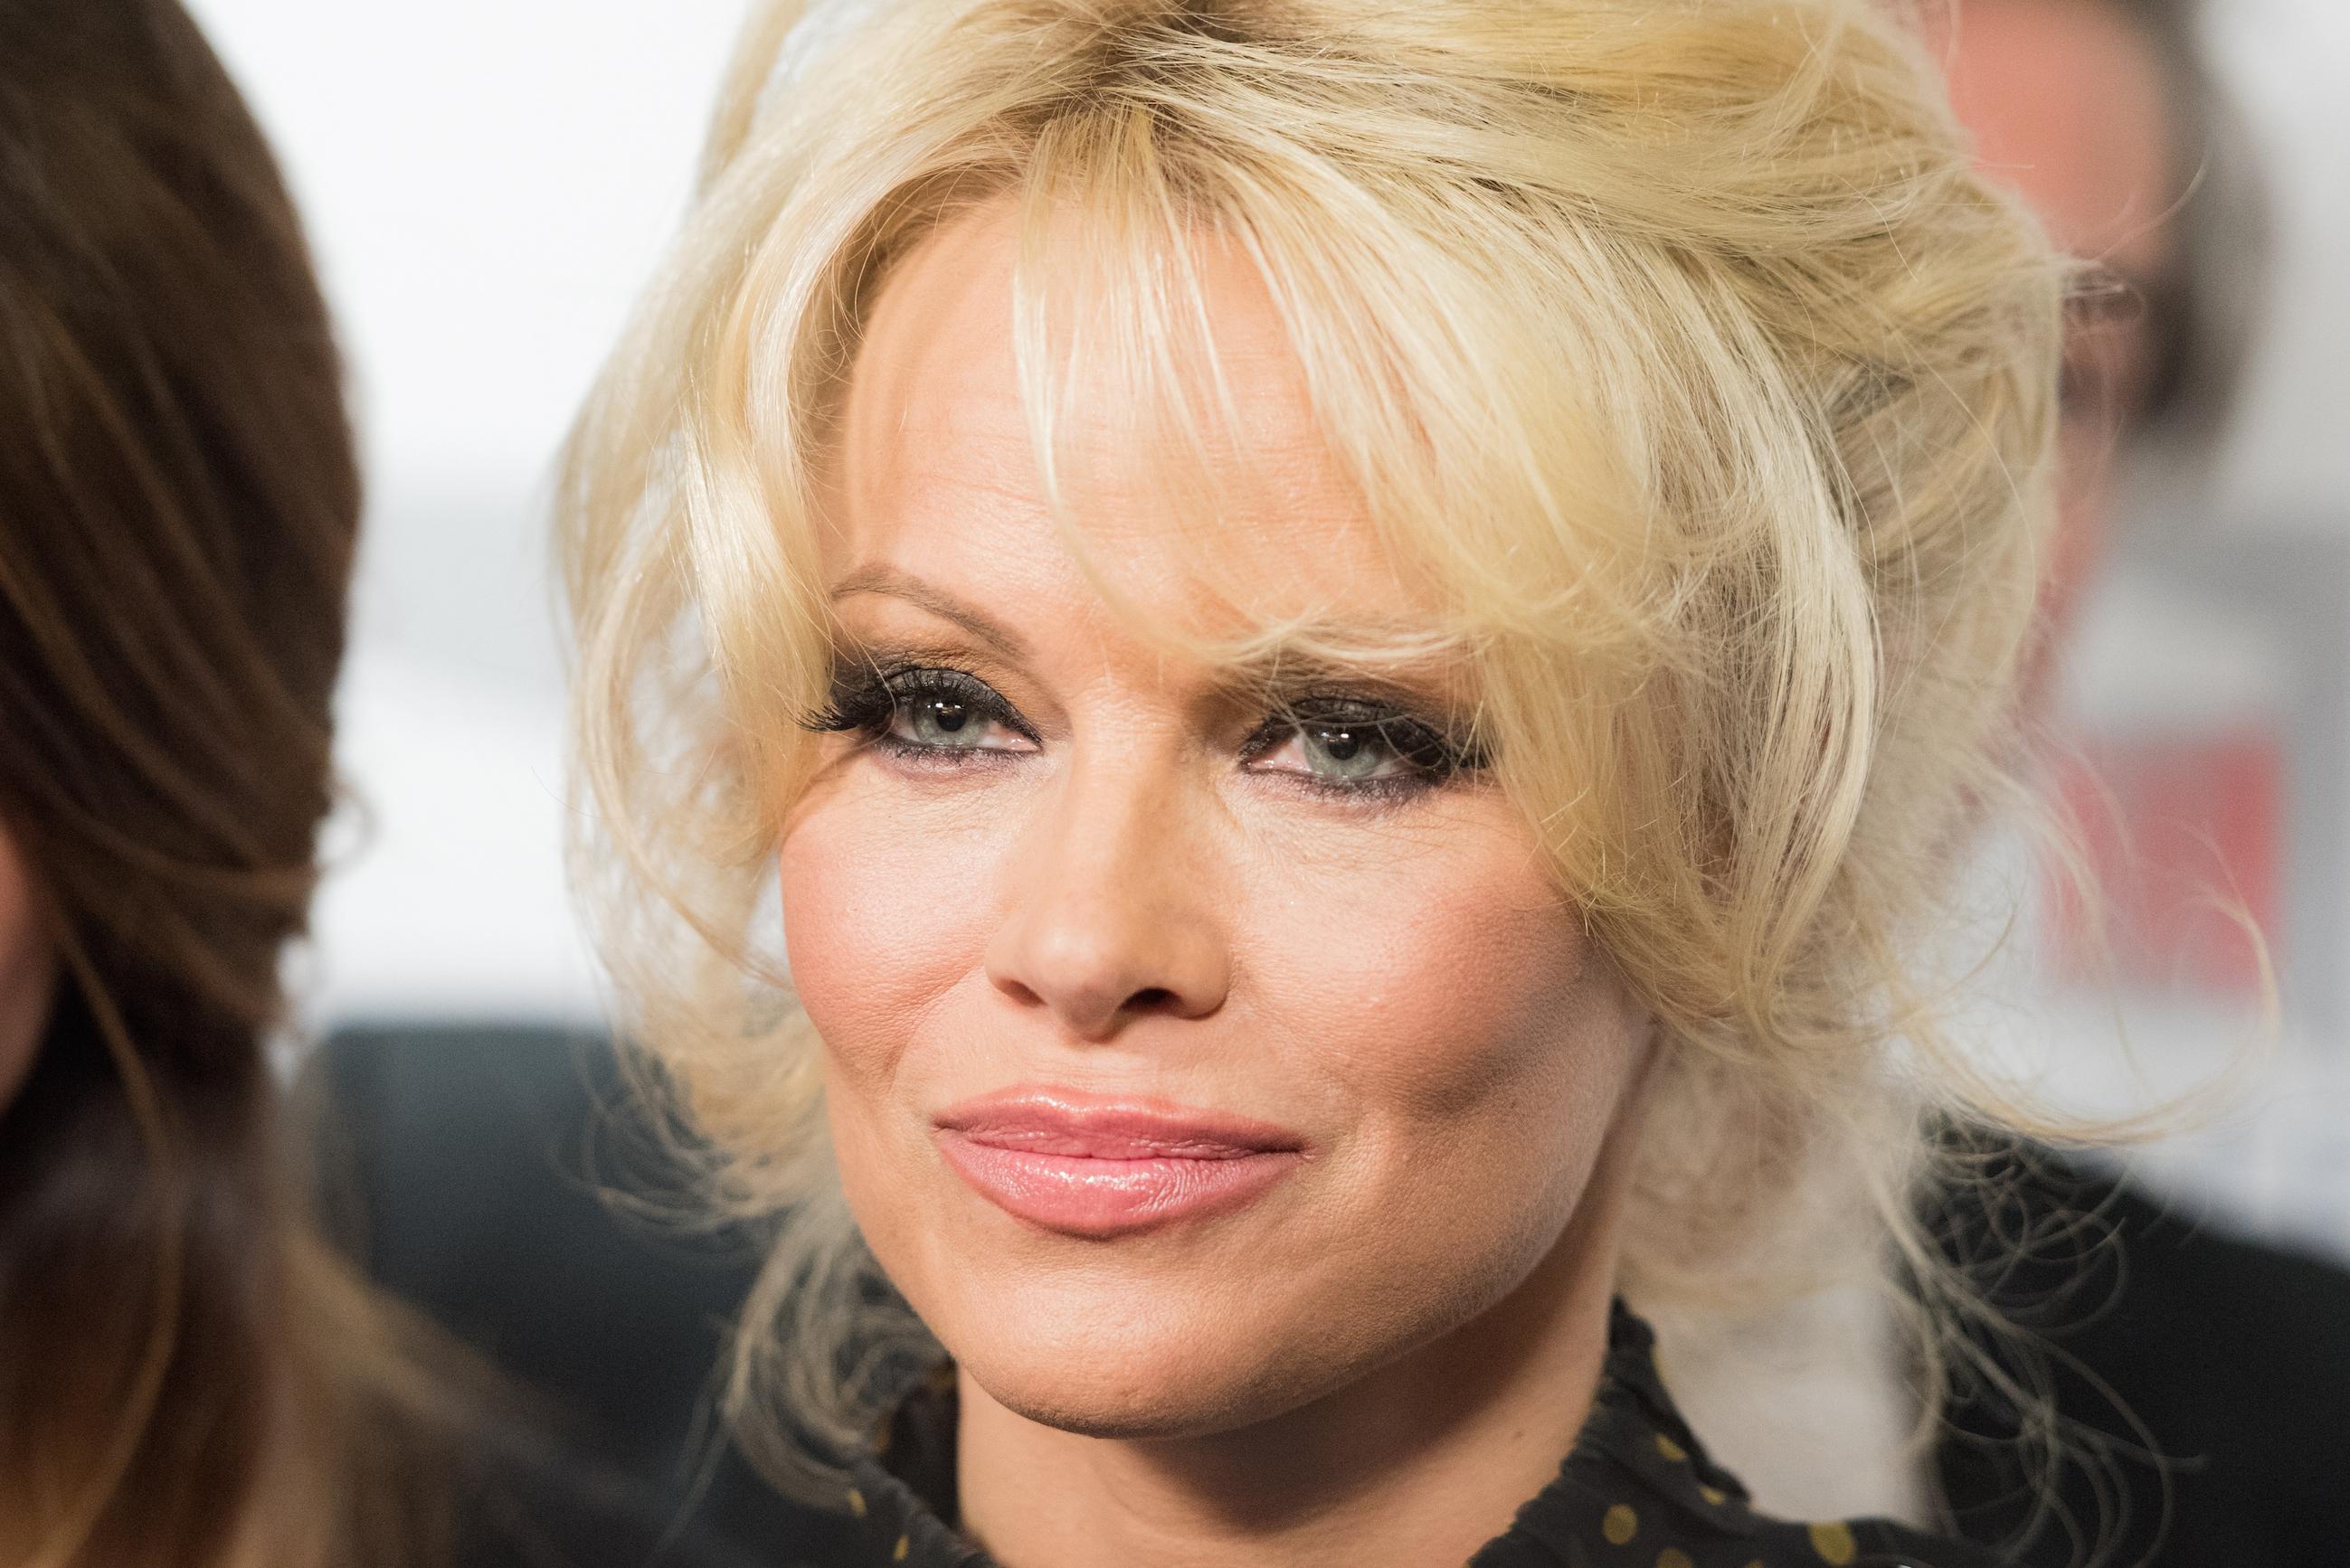 Pamela Anderson doet verrassende uitspraak over haar uiterlijk